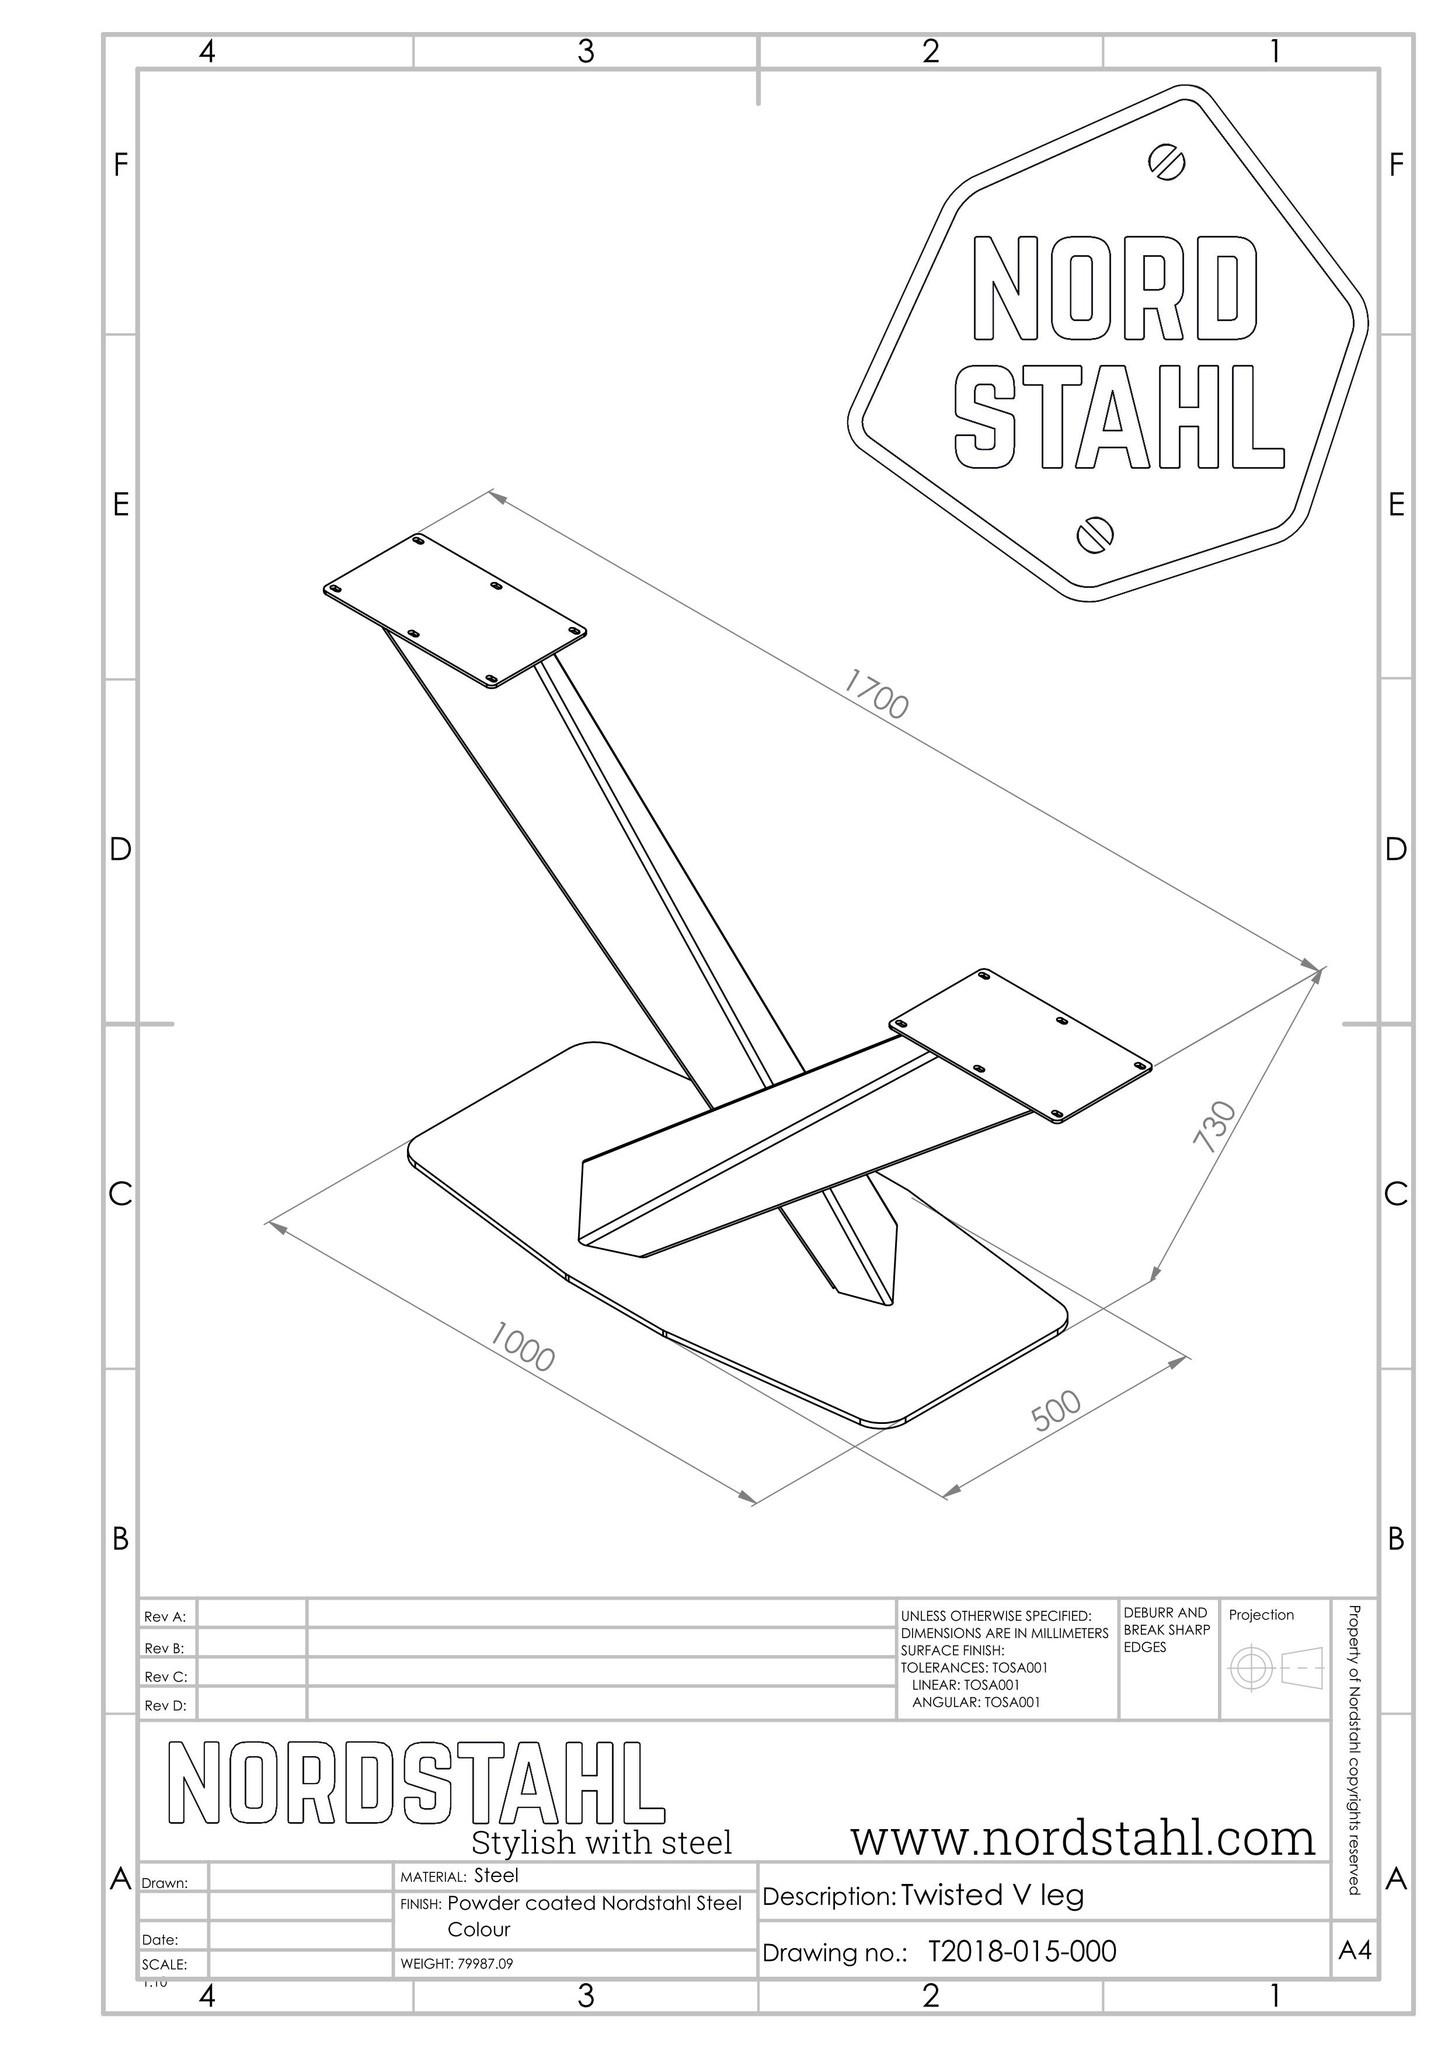 Nordstahl Twisted V leg technische tekening